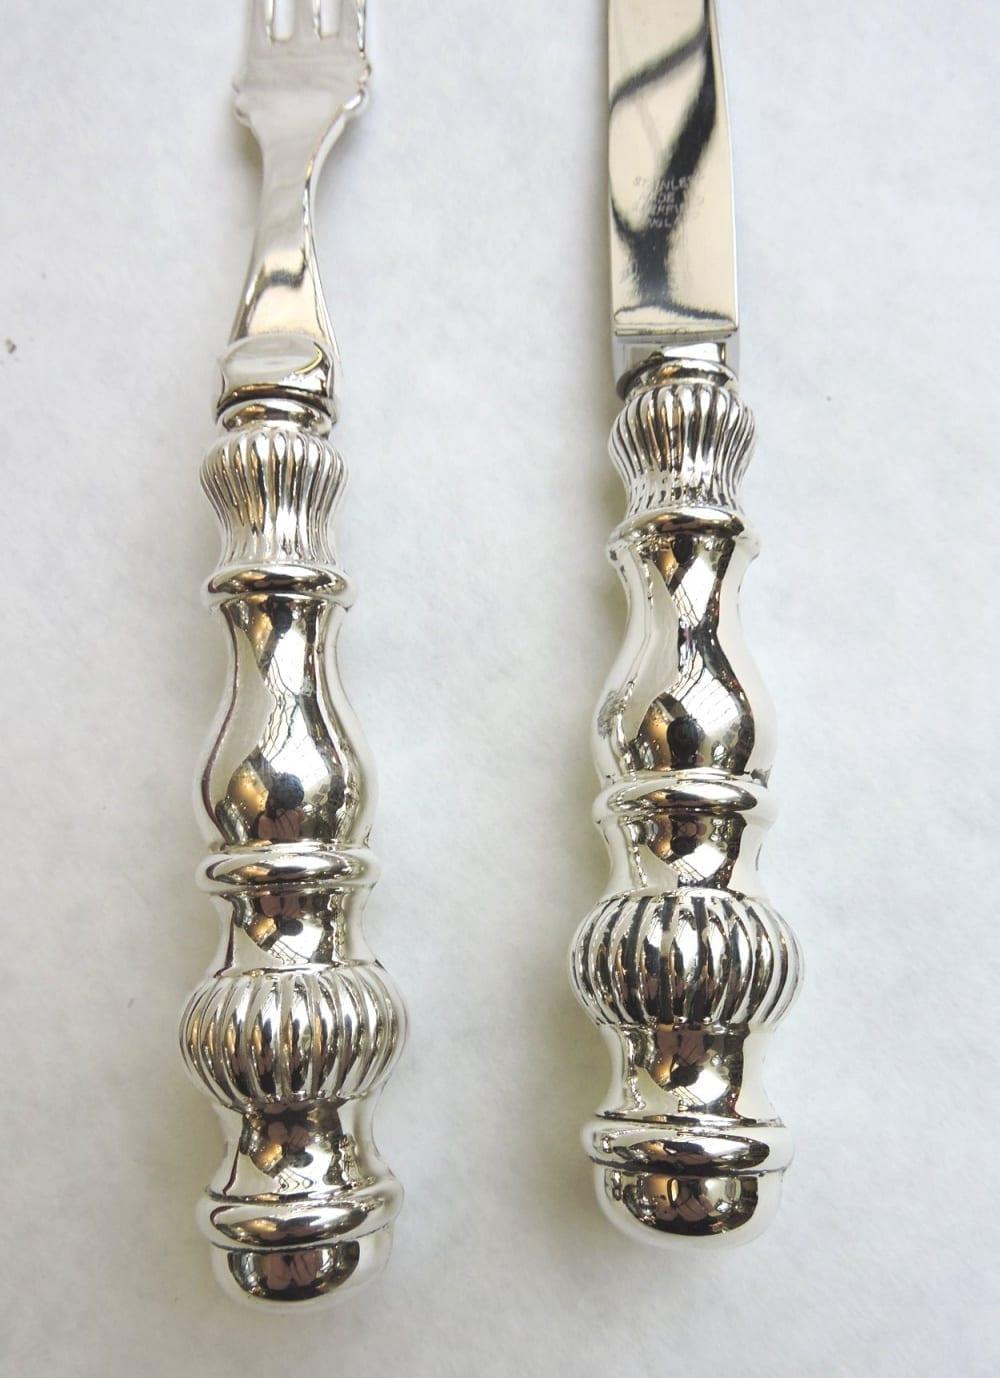 silverflatware - sterlingfruitset-03.jpg